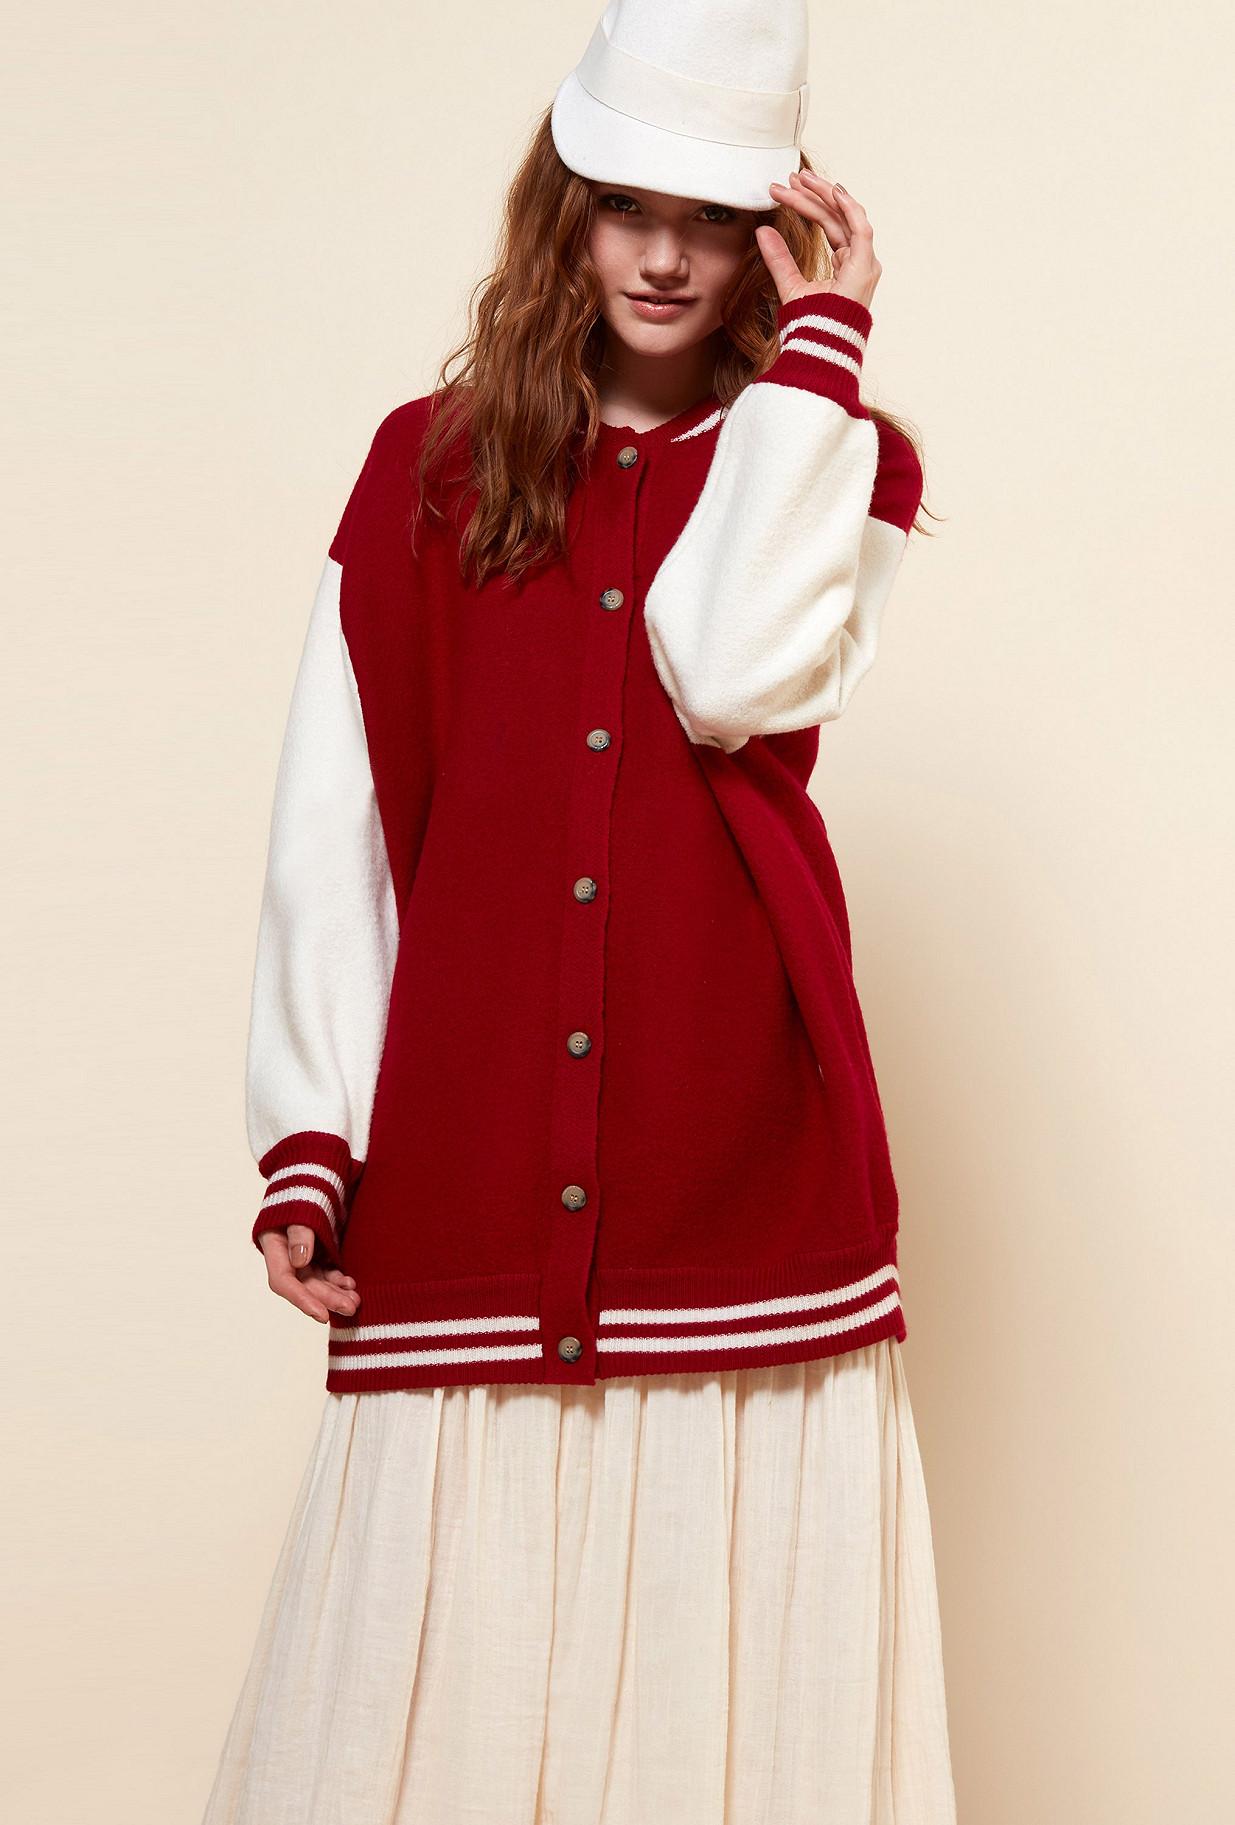 Red  COAT  Slater Mes demoiselles fashion clothes designer Paris